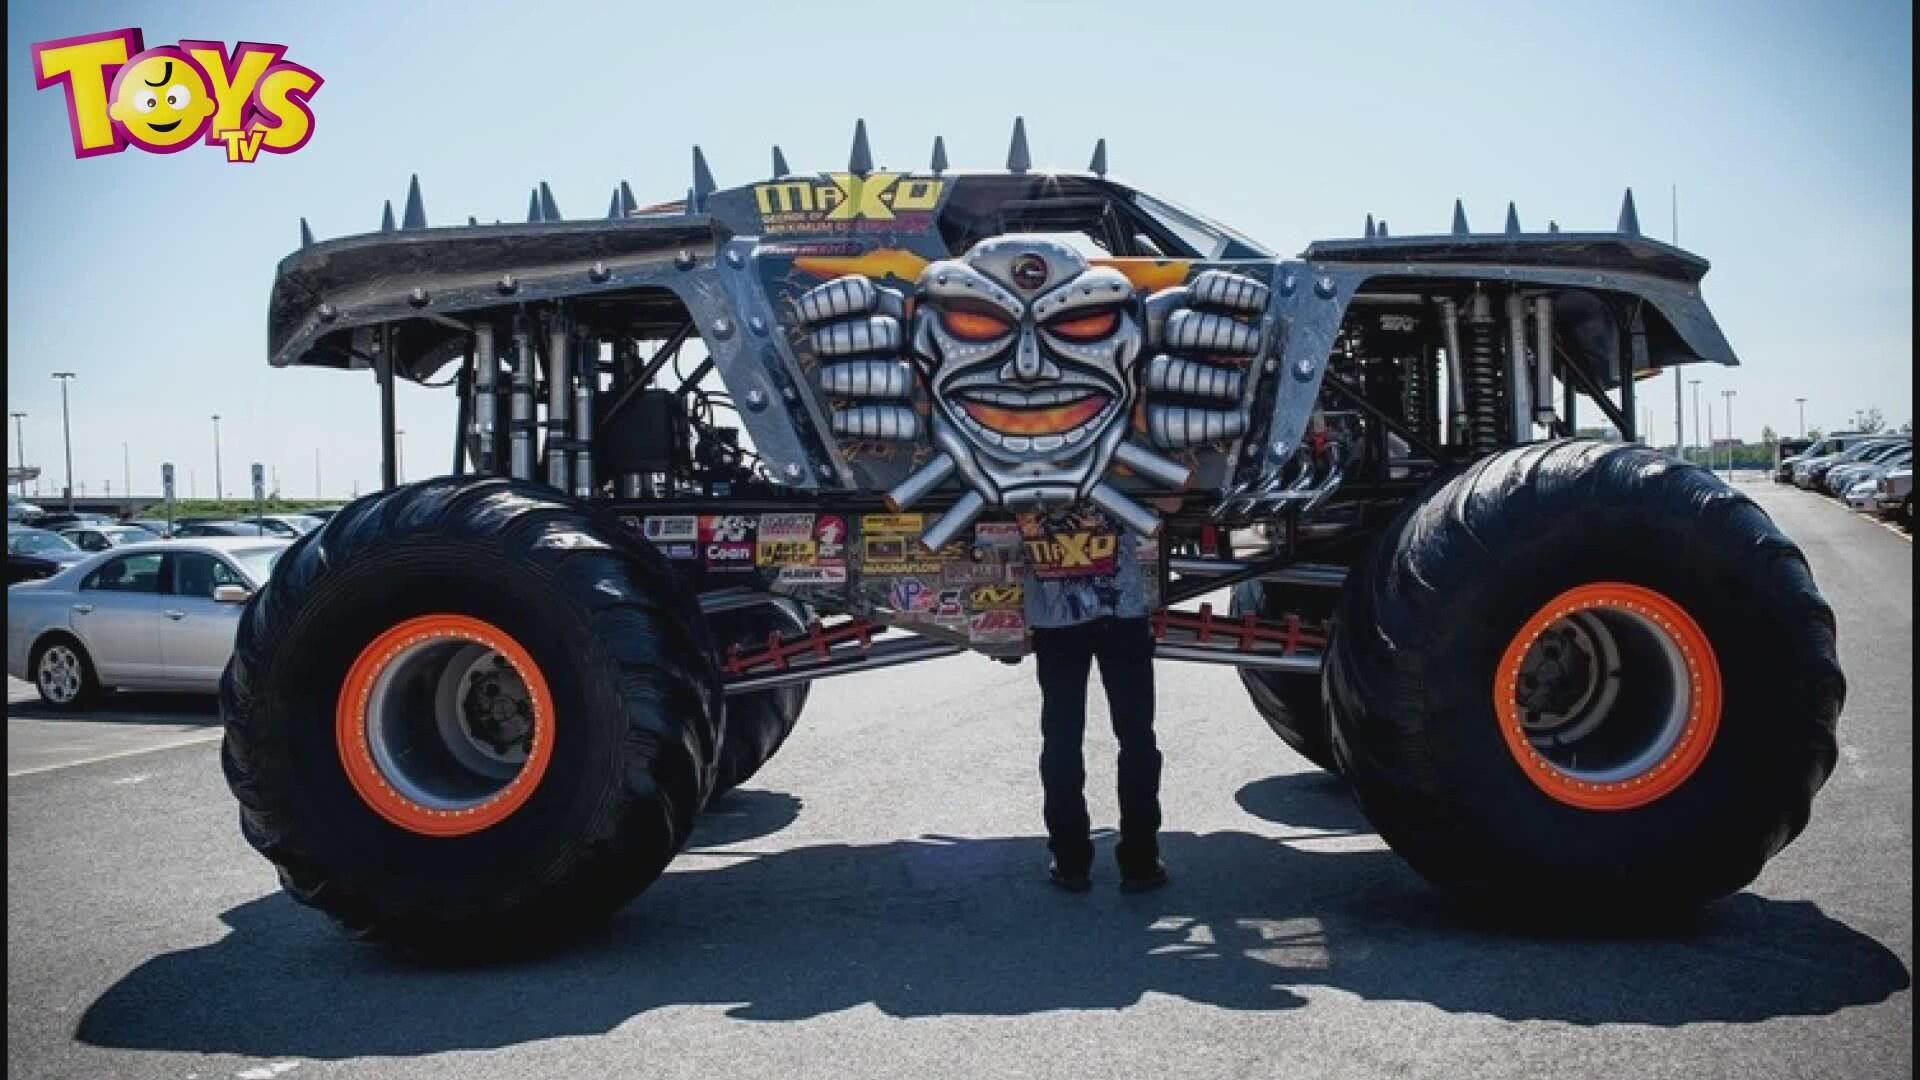 Canavar Arabalar Kamyonlar Toystv De Monster Trucks Clip On